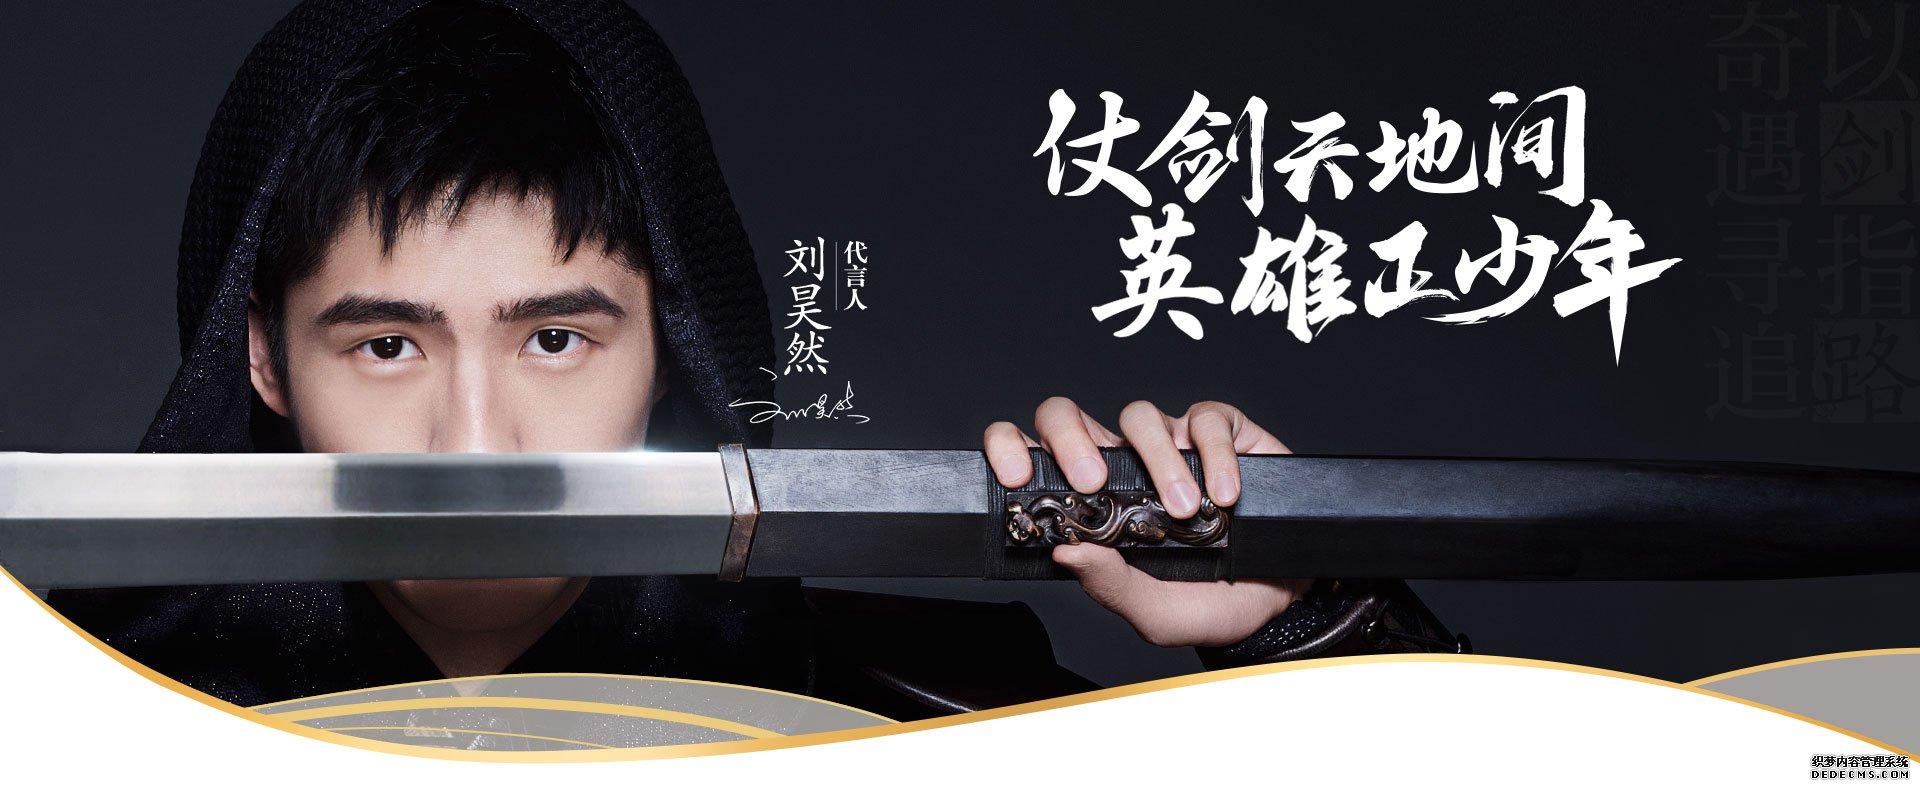 《网页私服游戏:指网页游戏GM服尖江湖》6月12日不删档开服公告